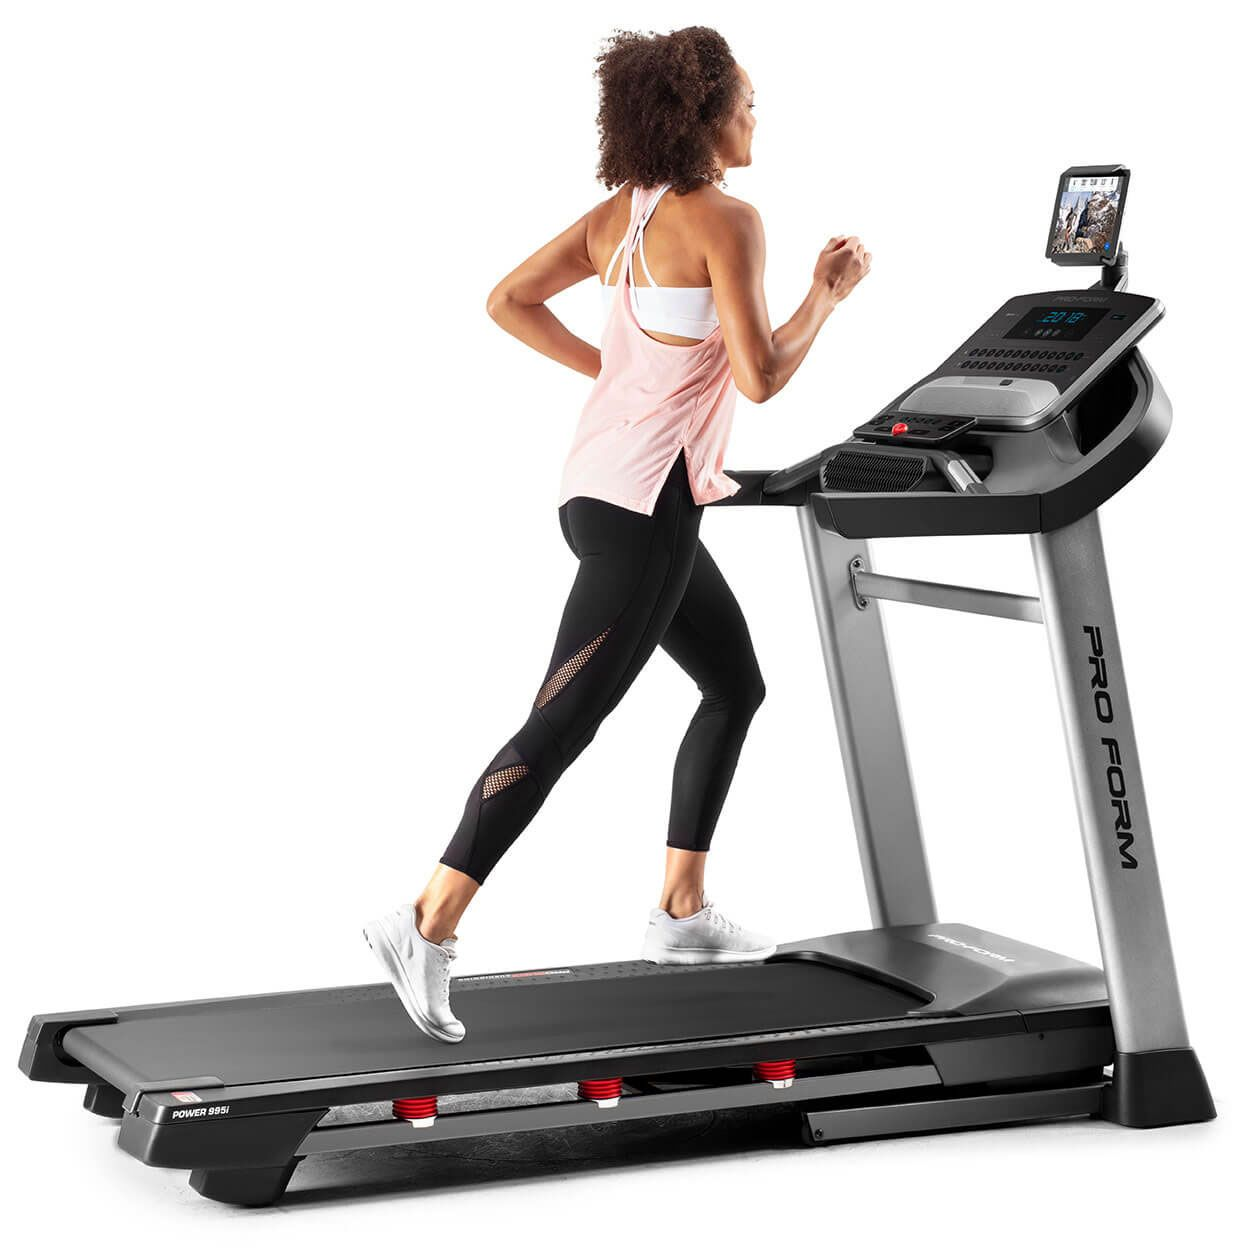 Pro Form Smart Power 995i Treadmill Pftl99918